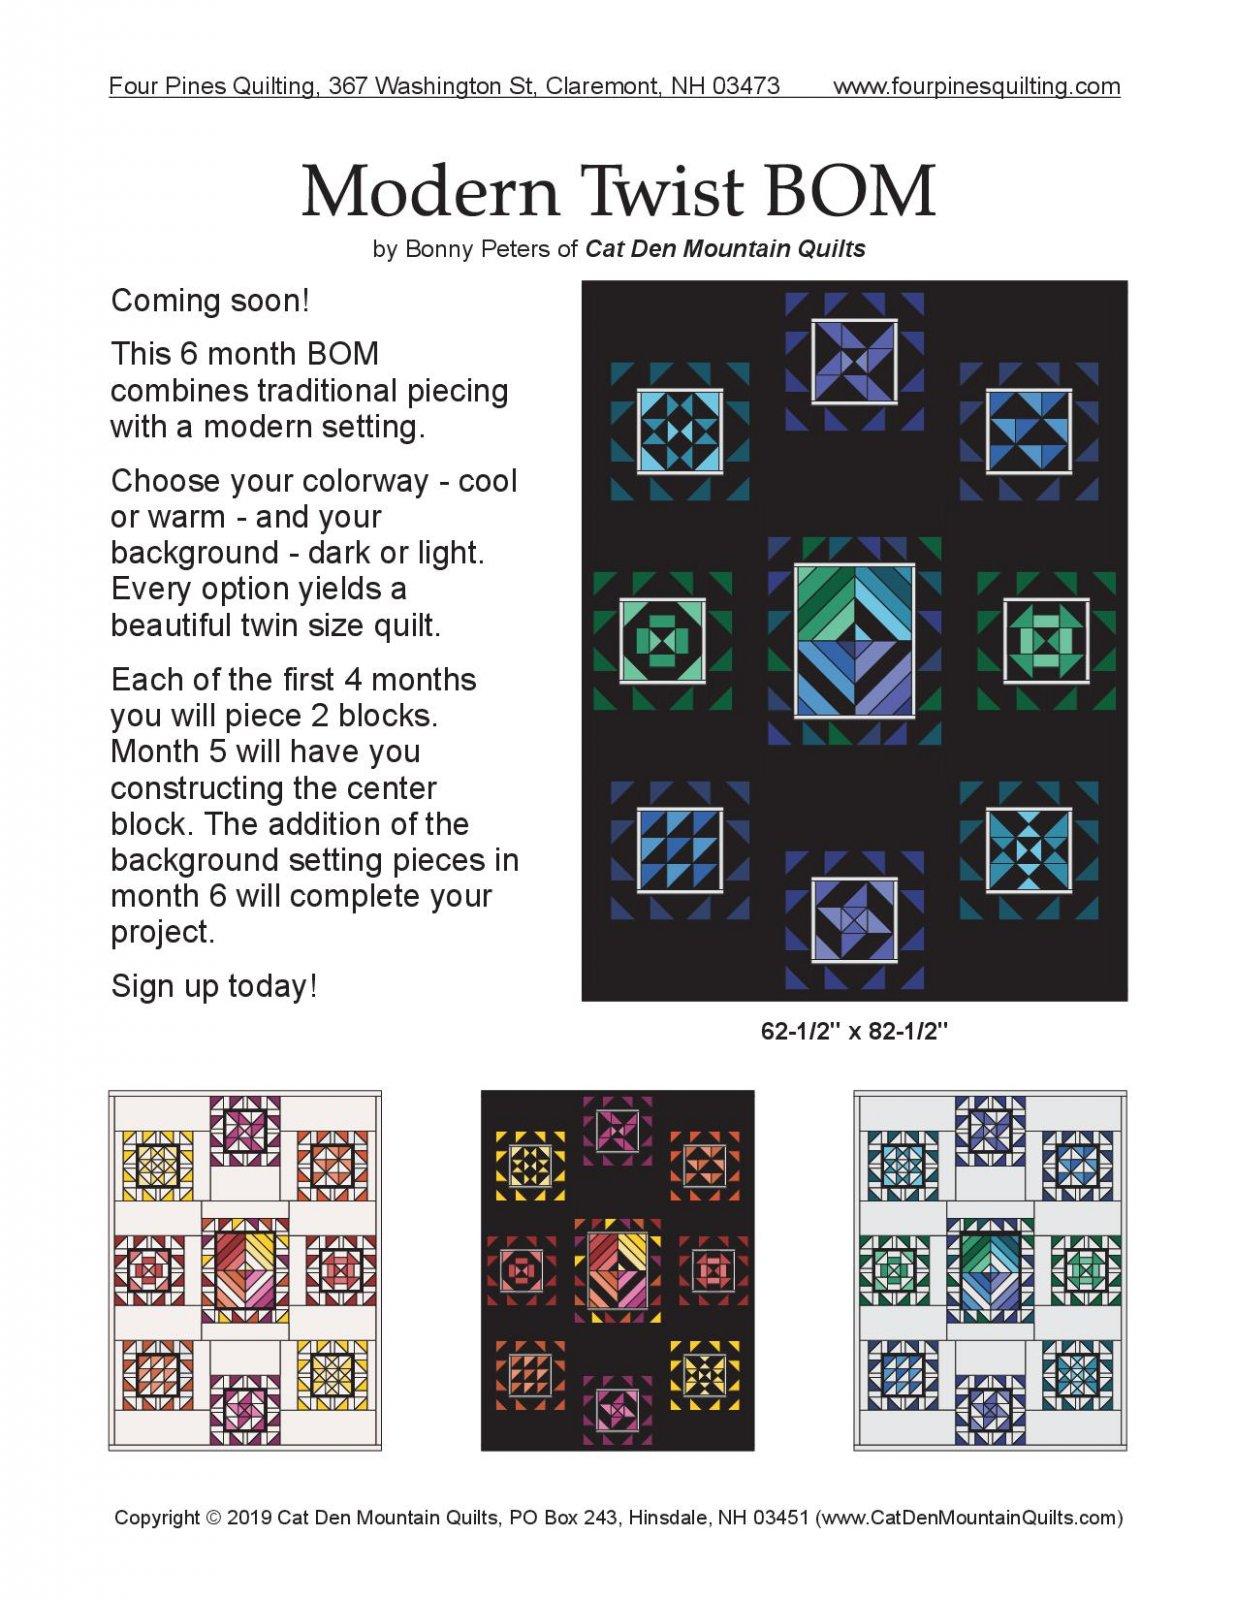 Modern Twist BOM Month 1